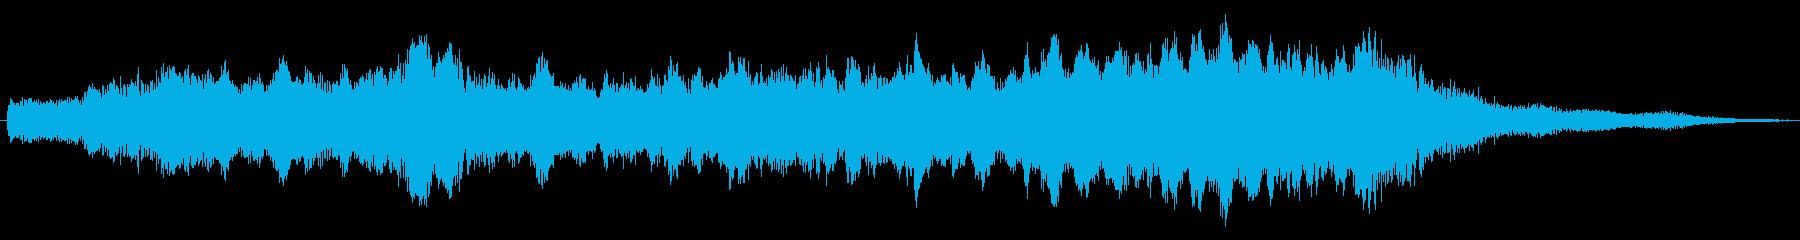 クエストクリア_落ち着いたストリングスの再生済みの波形